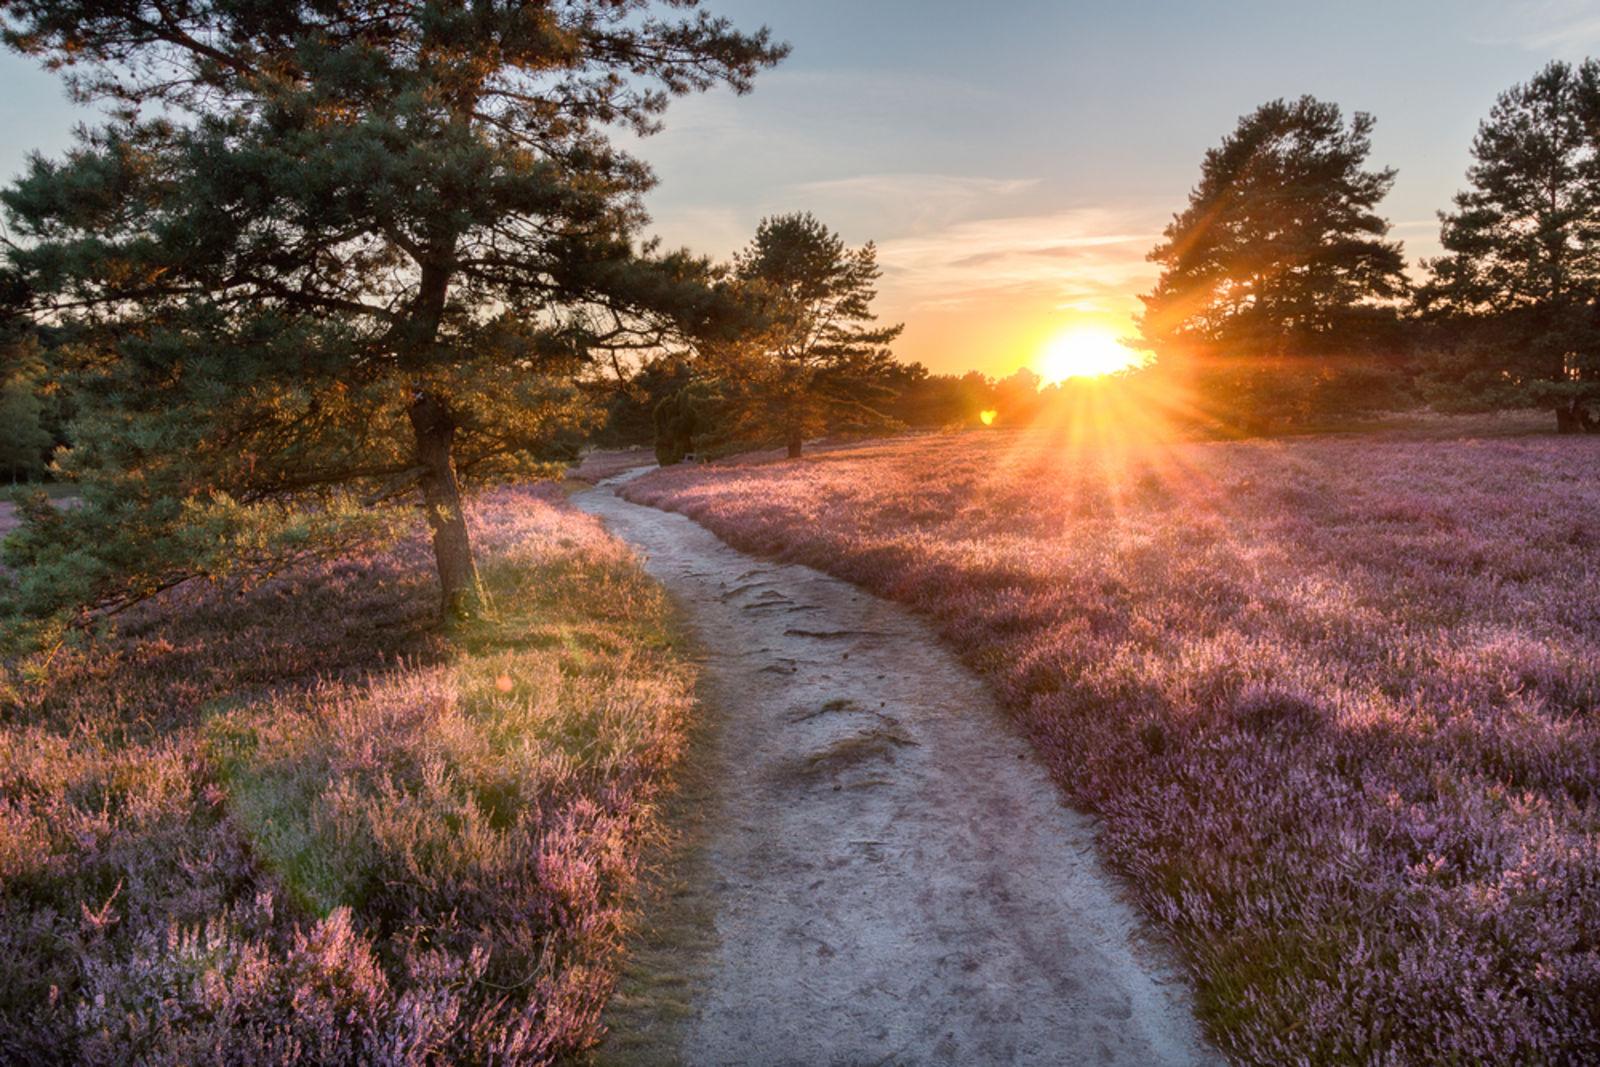 Sonnenuntergang in der Lüneburger Heide in Niedersachsen